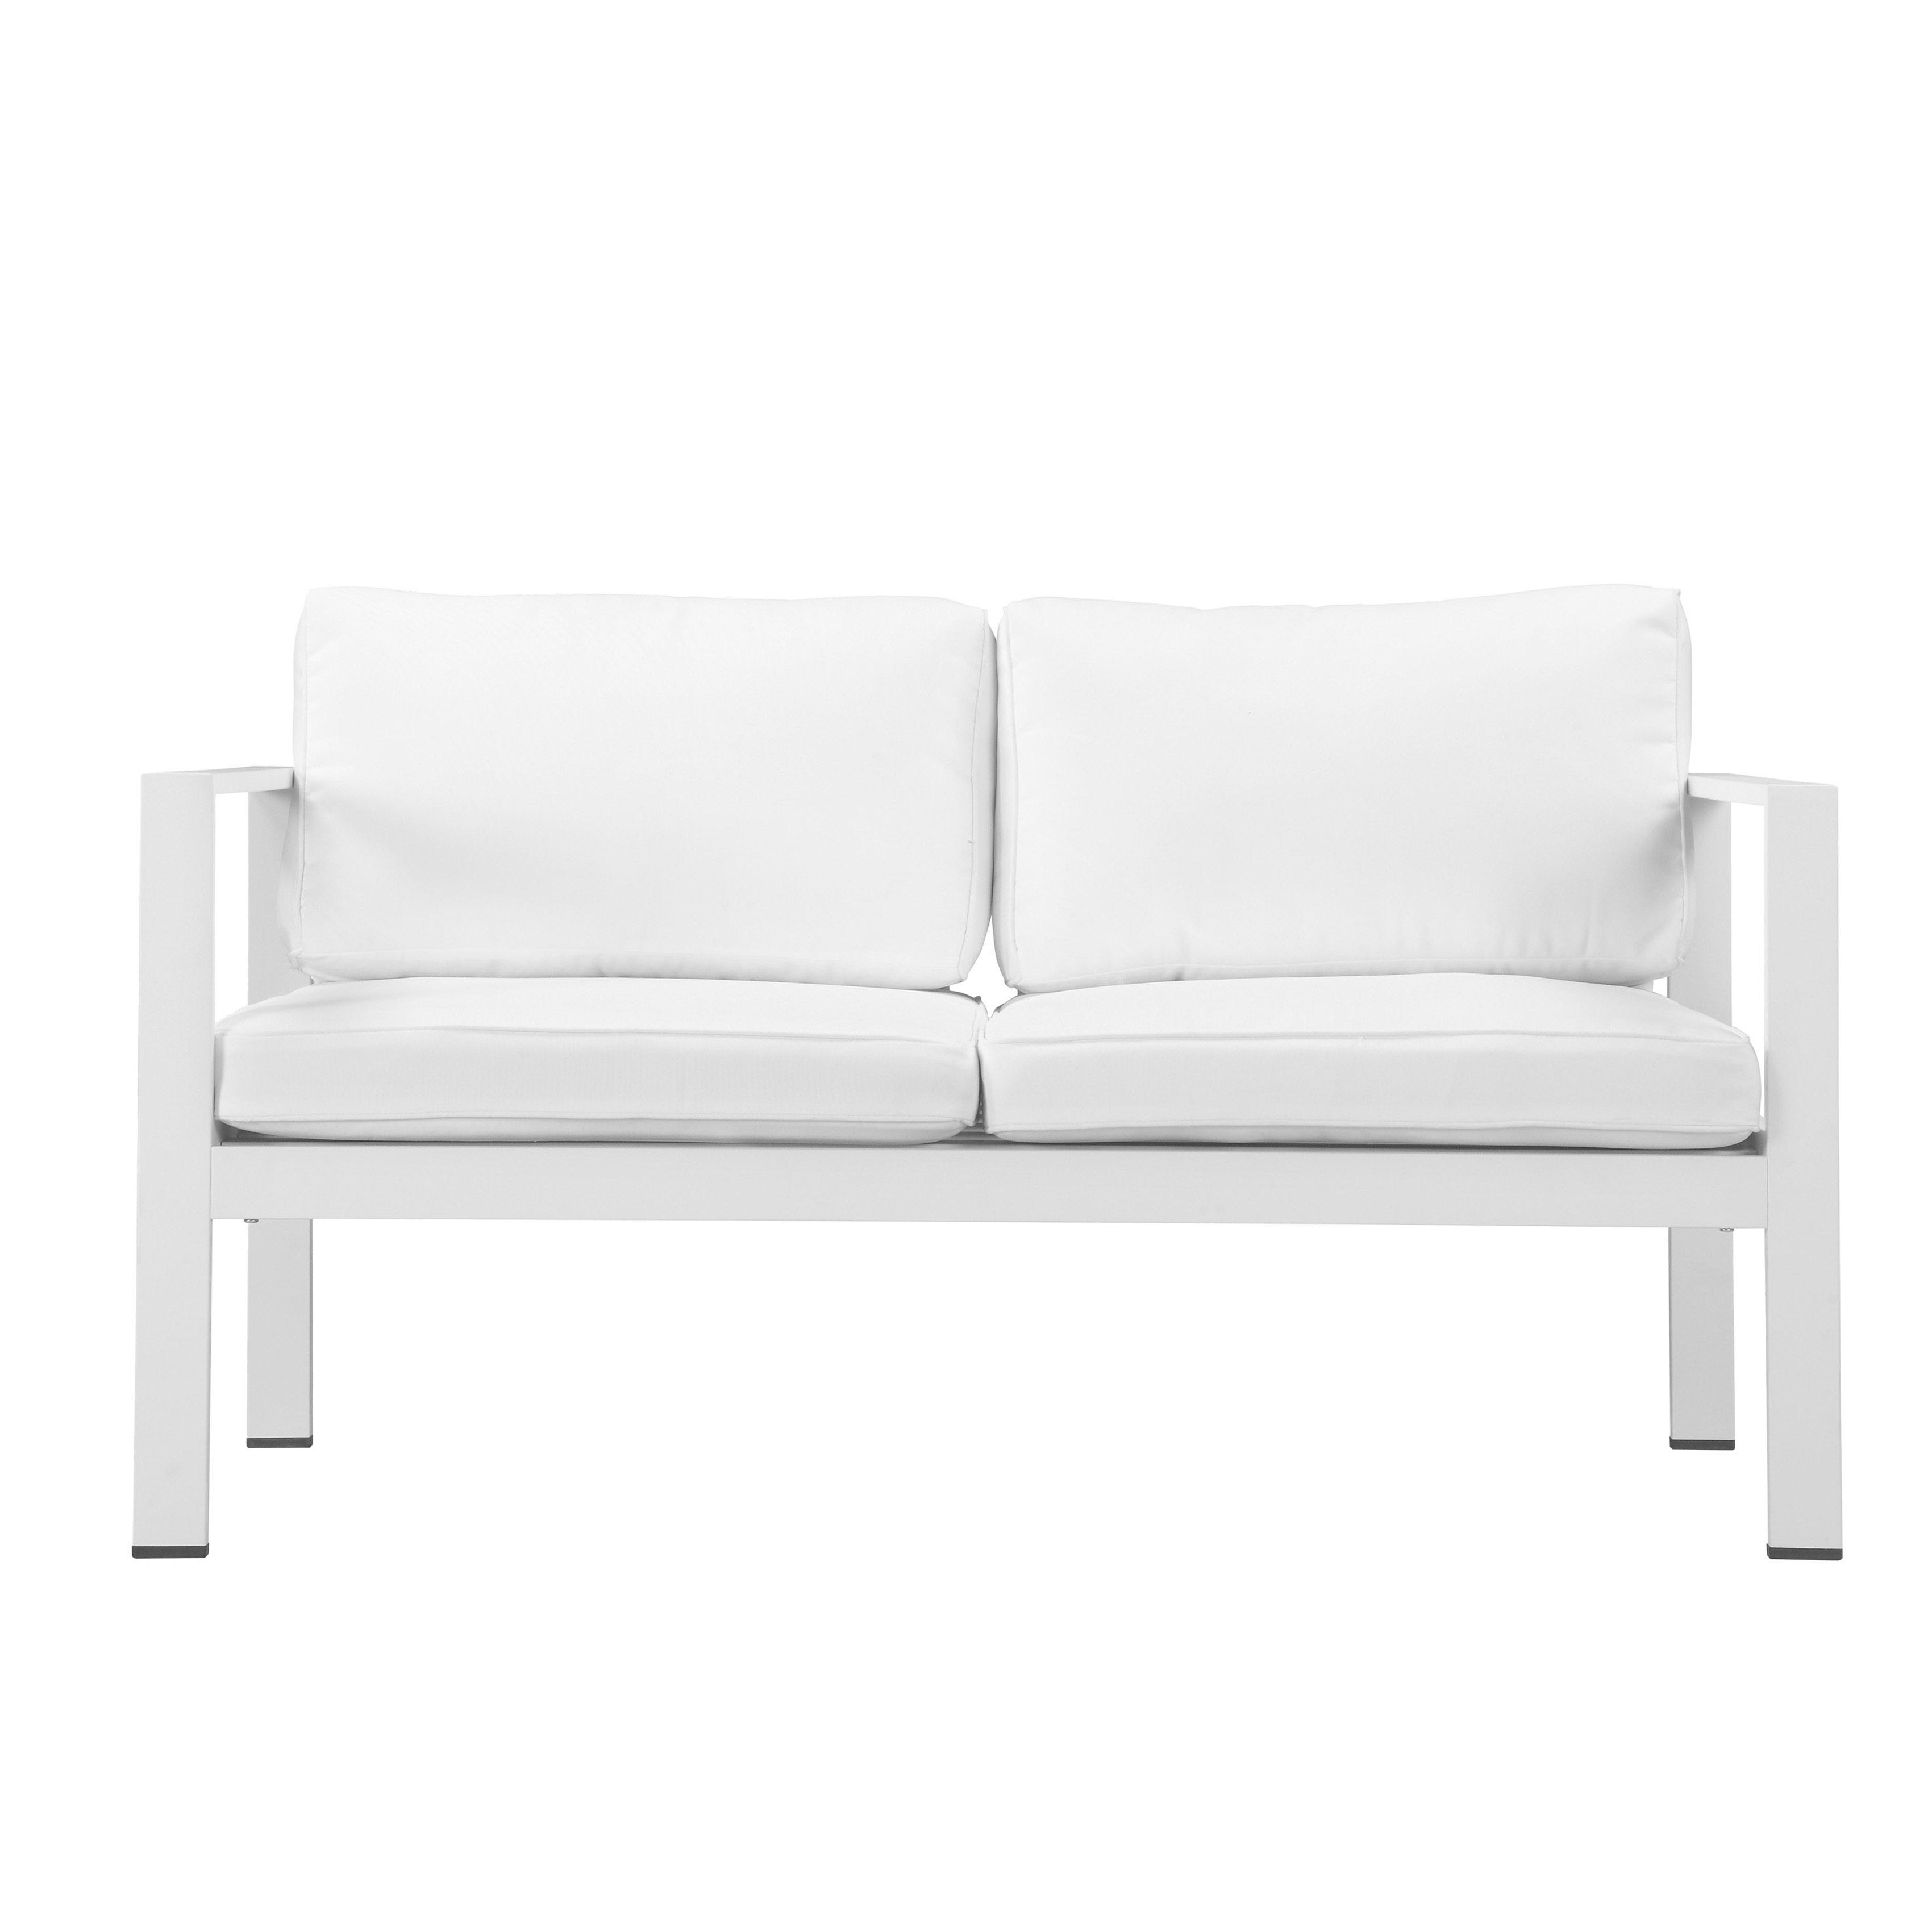 Shop Pangea Home Karen Fabric/ Aluminum 4 Piece Sofa Set – Free Pertaining To Karen Sofa Chairs (Image 25 of 25)